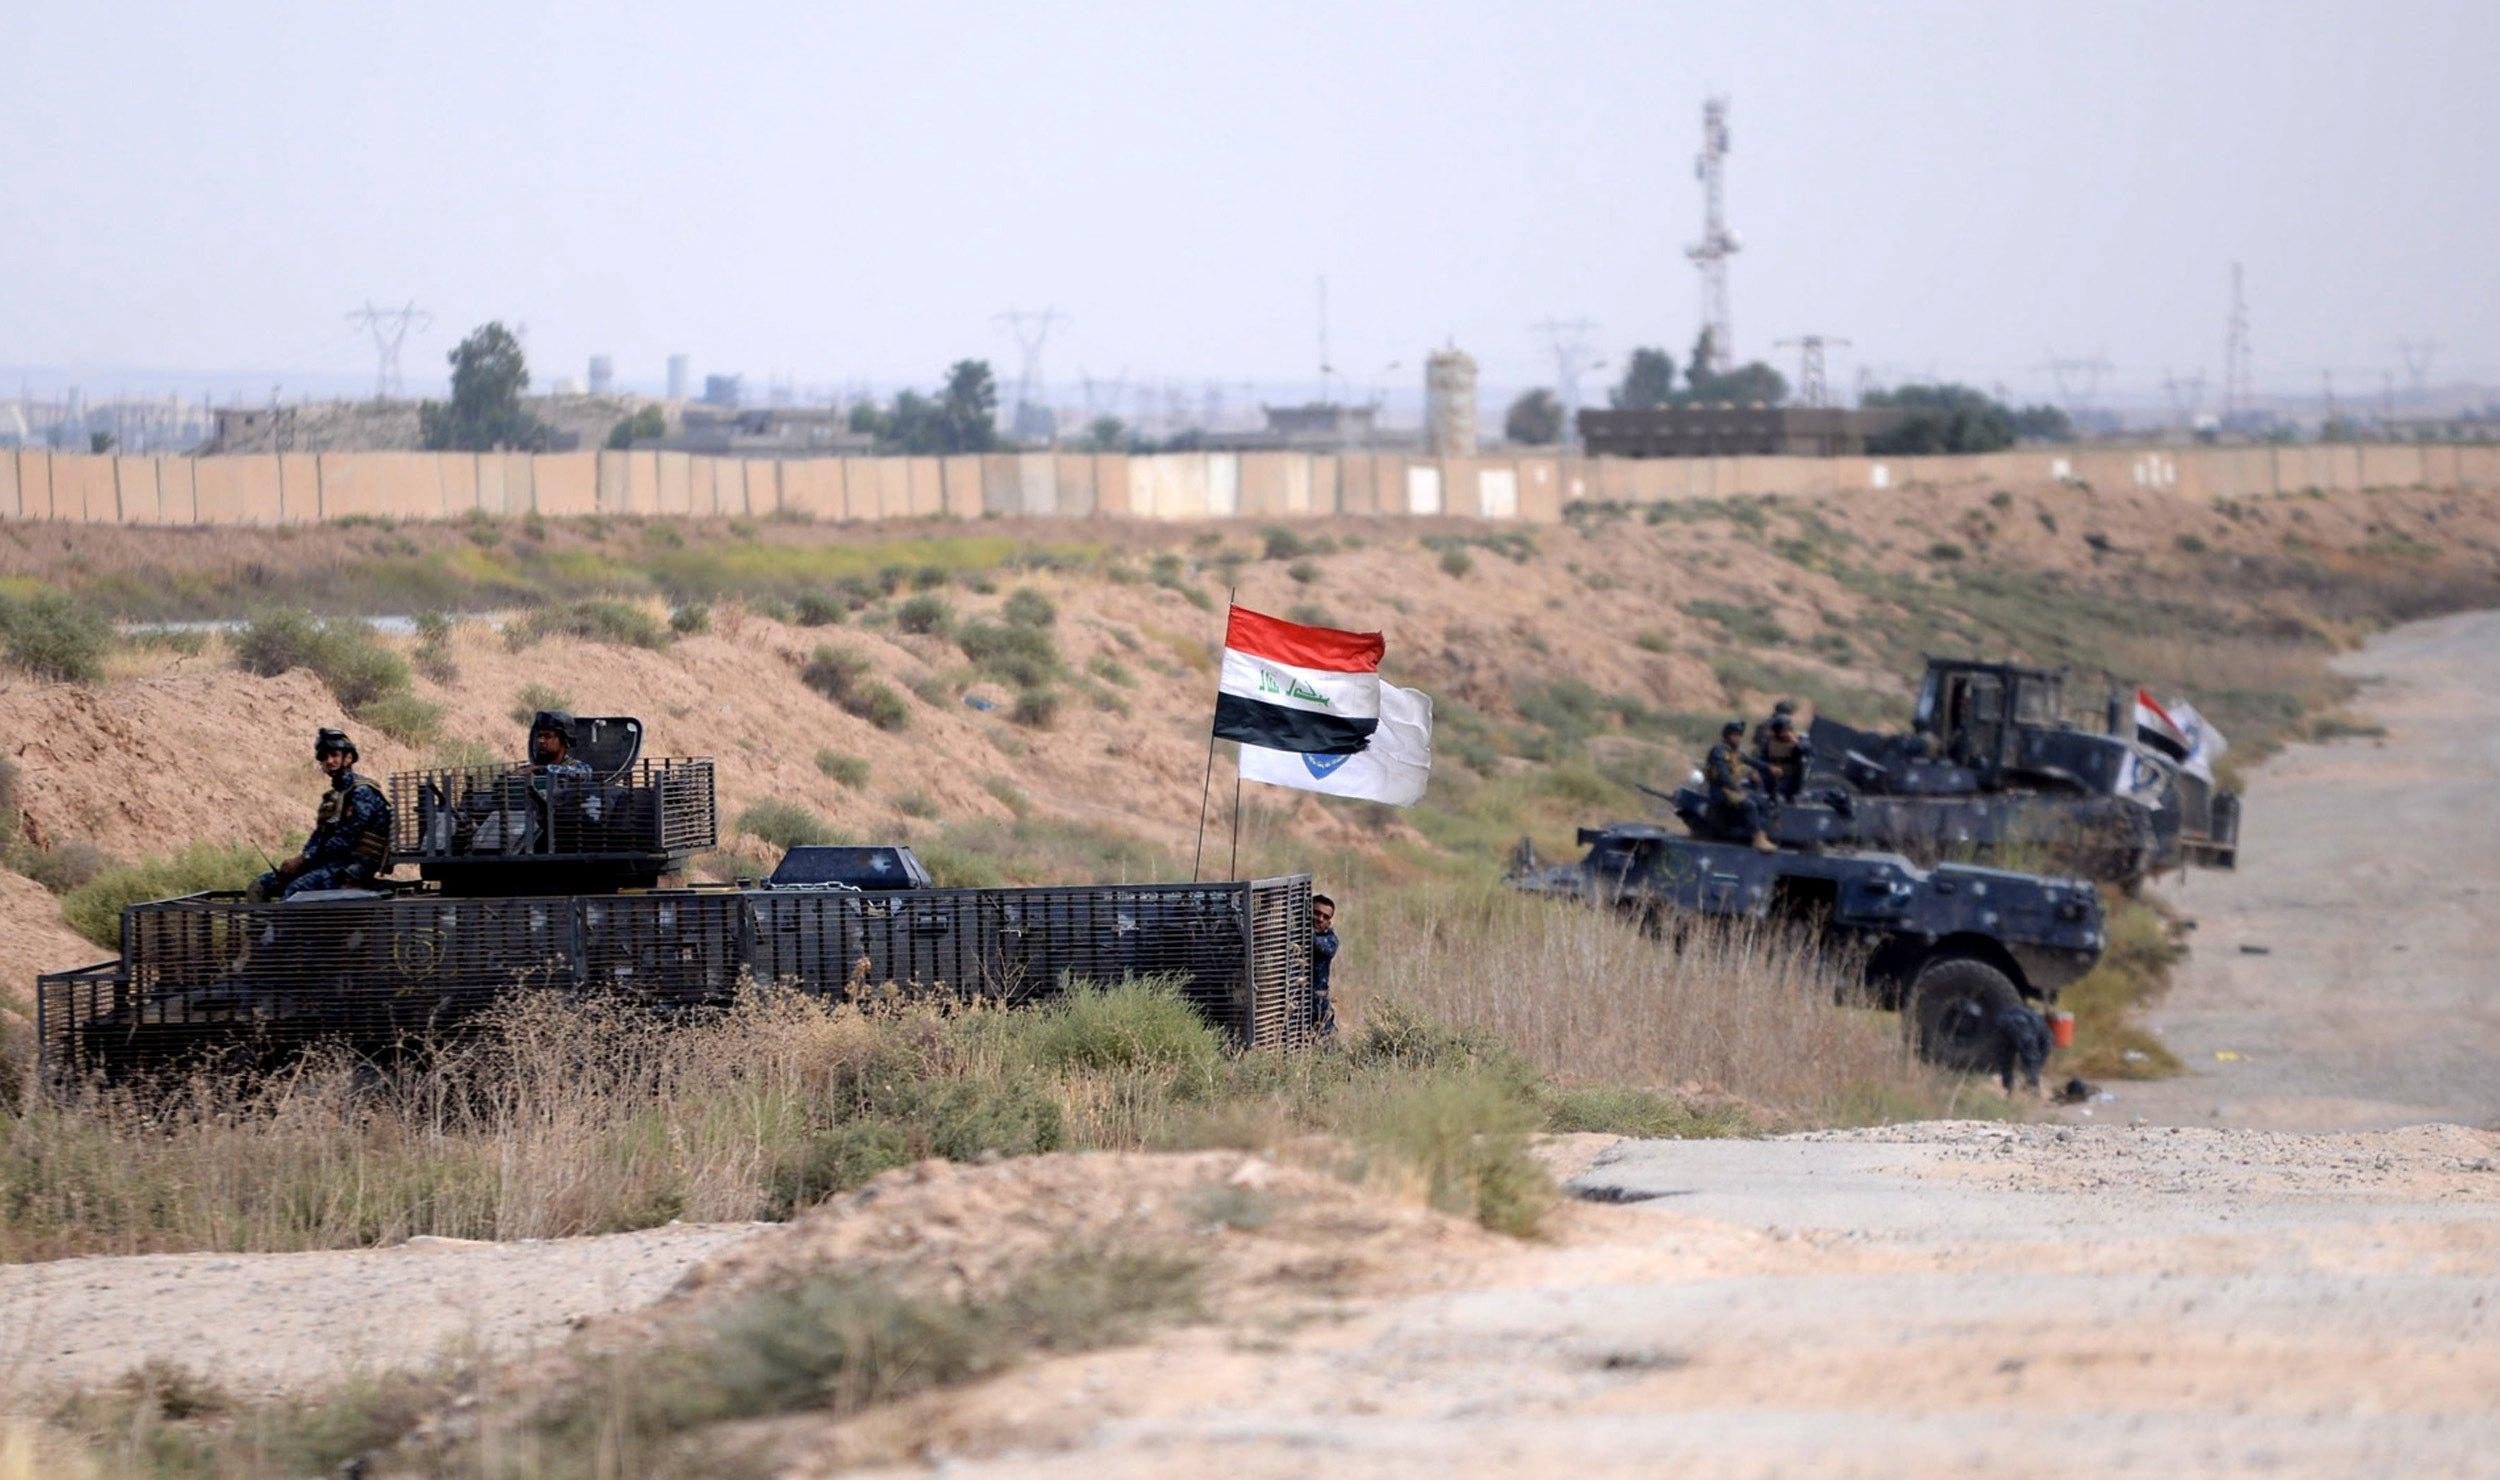 Iračke snage preuzimaju kontrolu u regiji Kirkuka